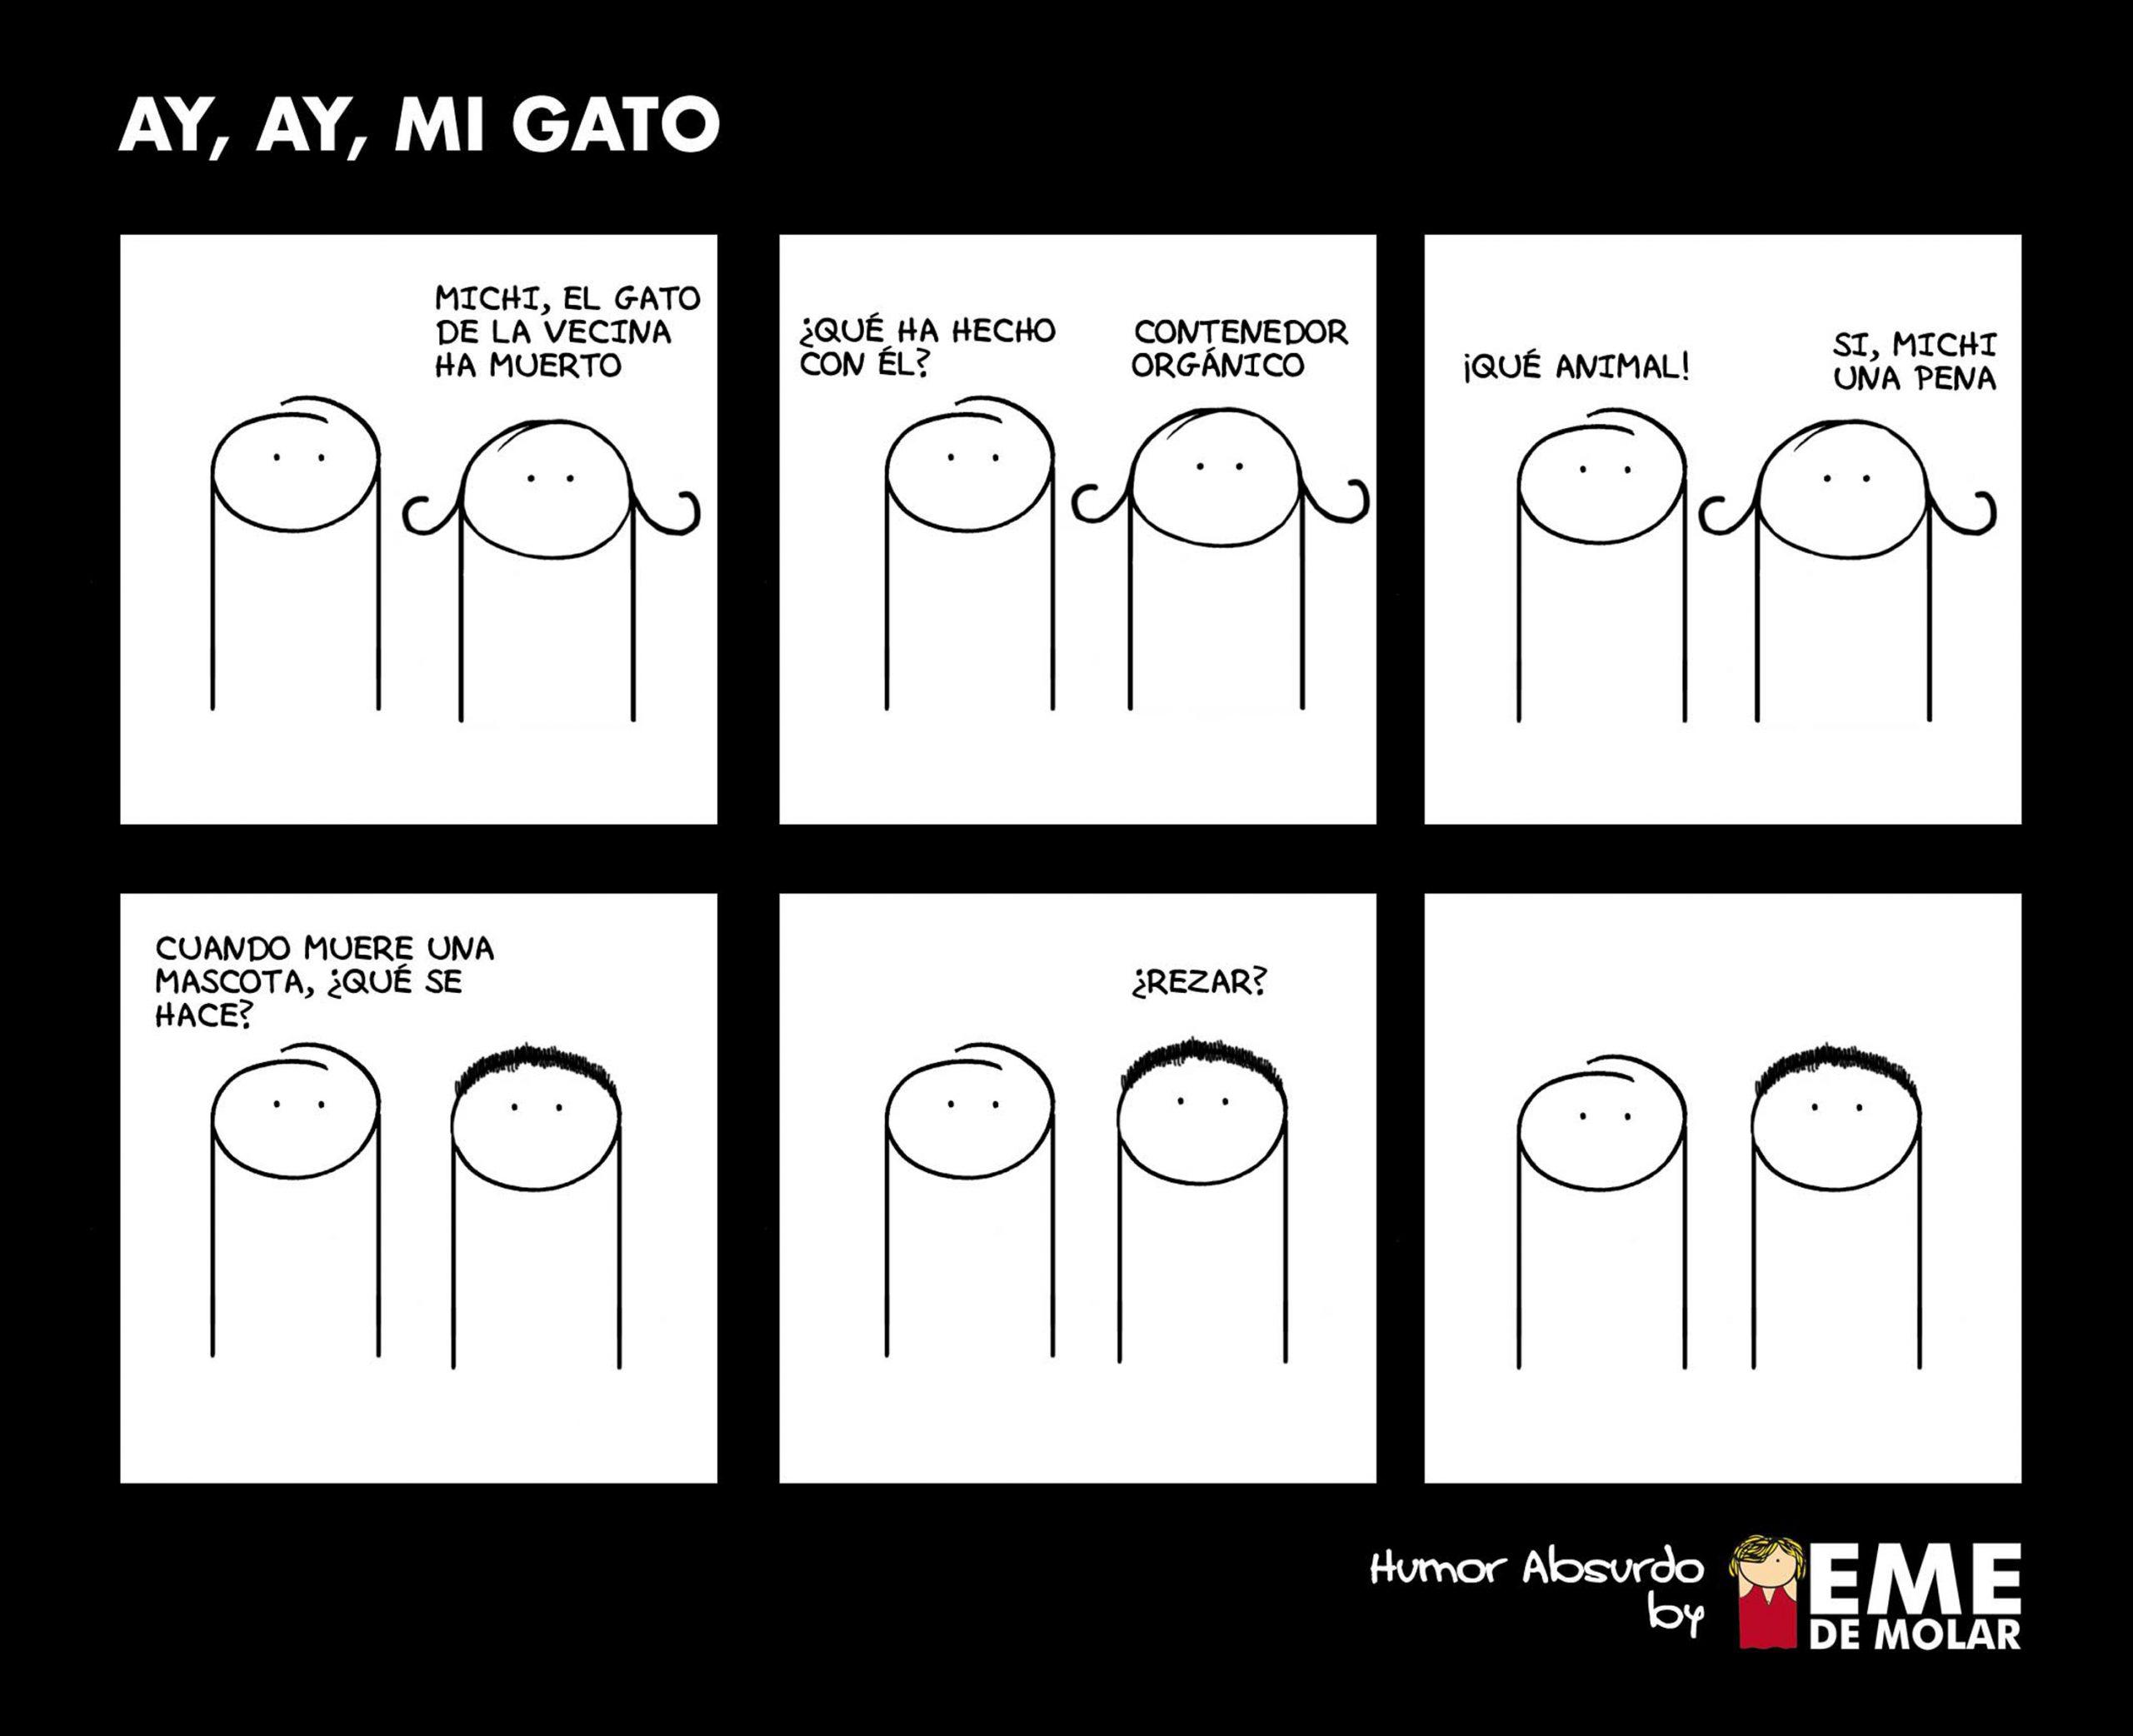 AY-AY-MI-GATO